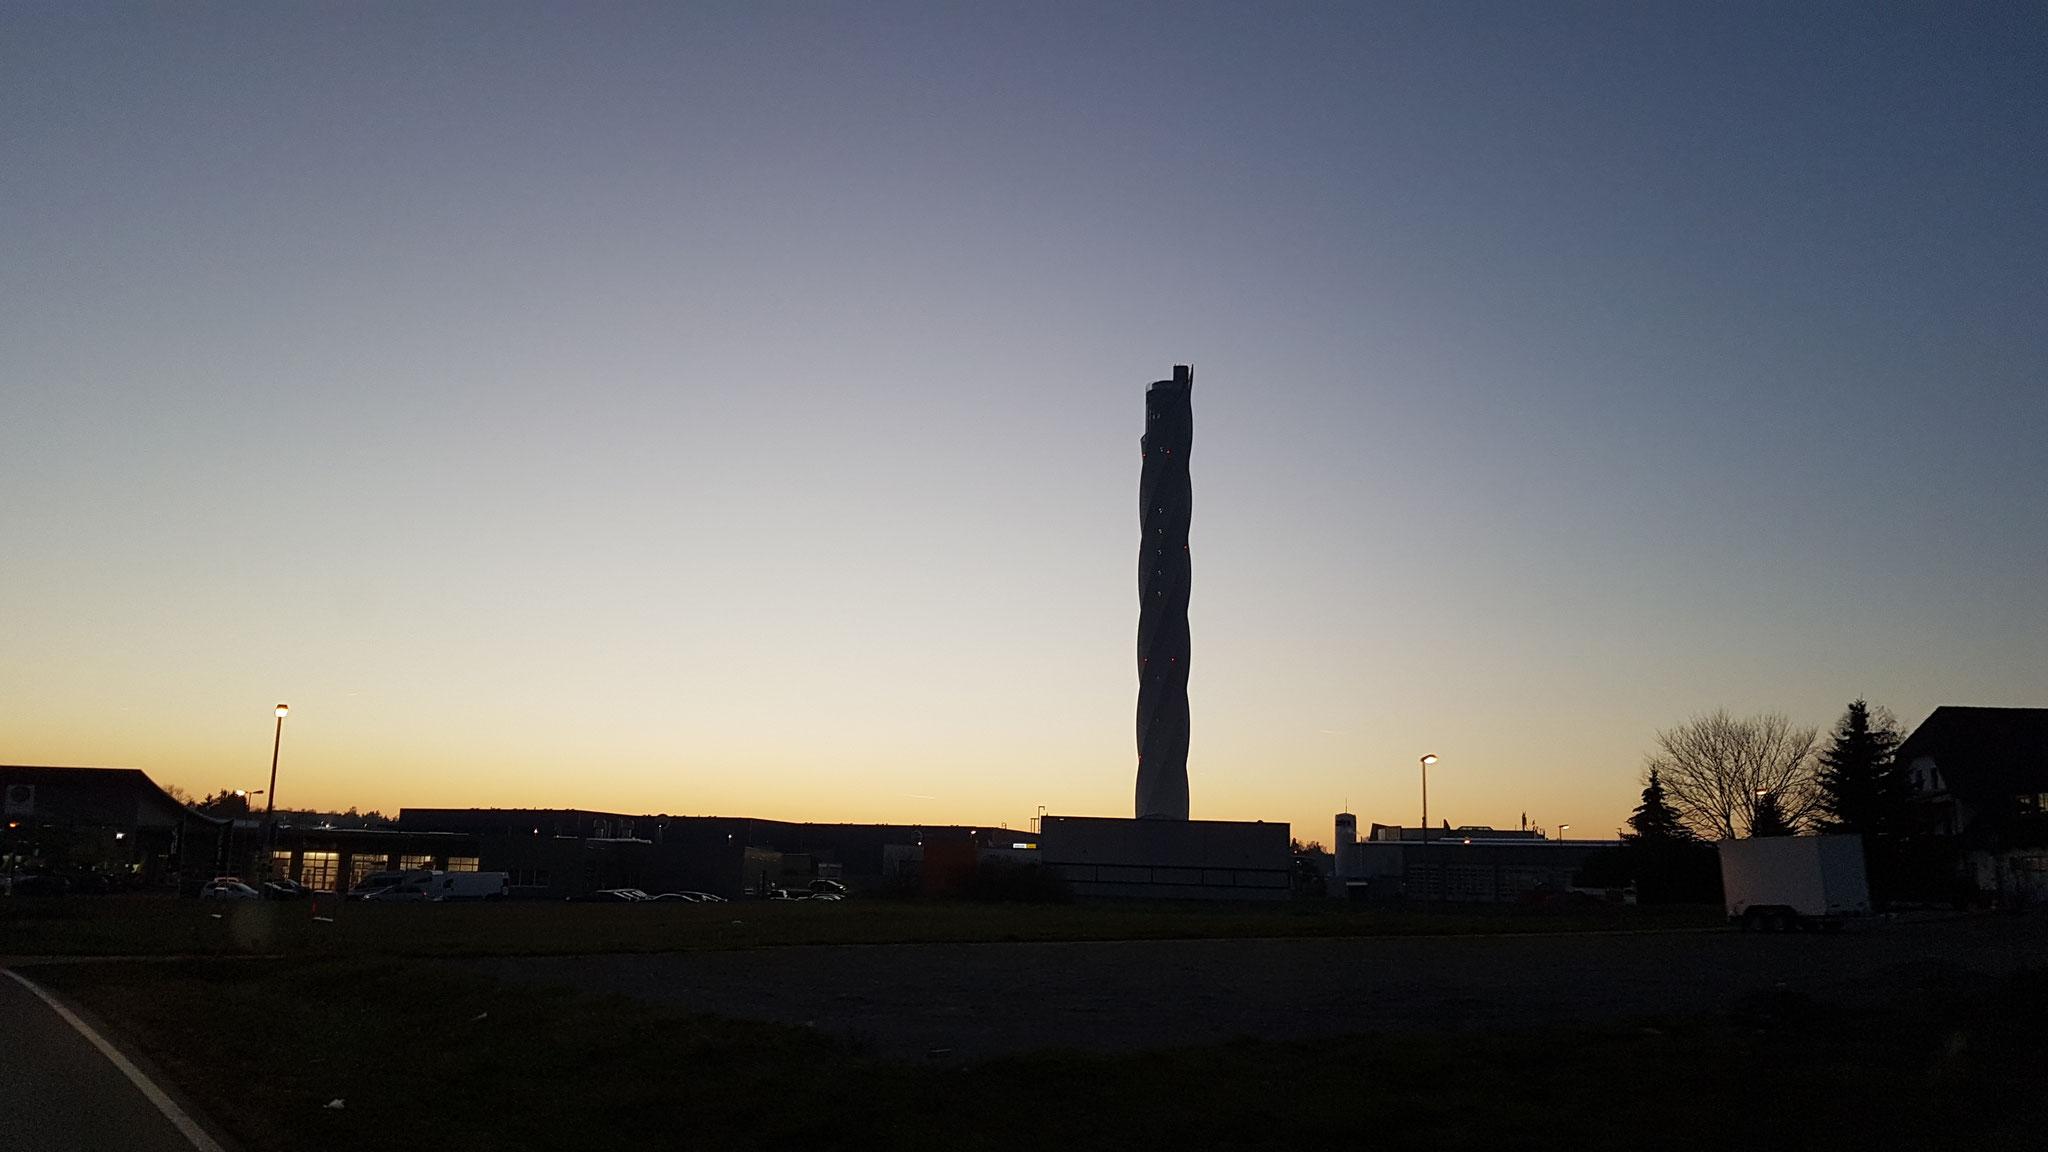 Der Thyssenkrupp-Turm bei Sonnenuntergang